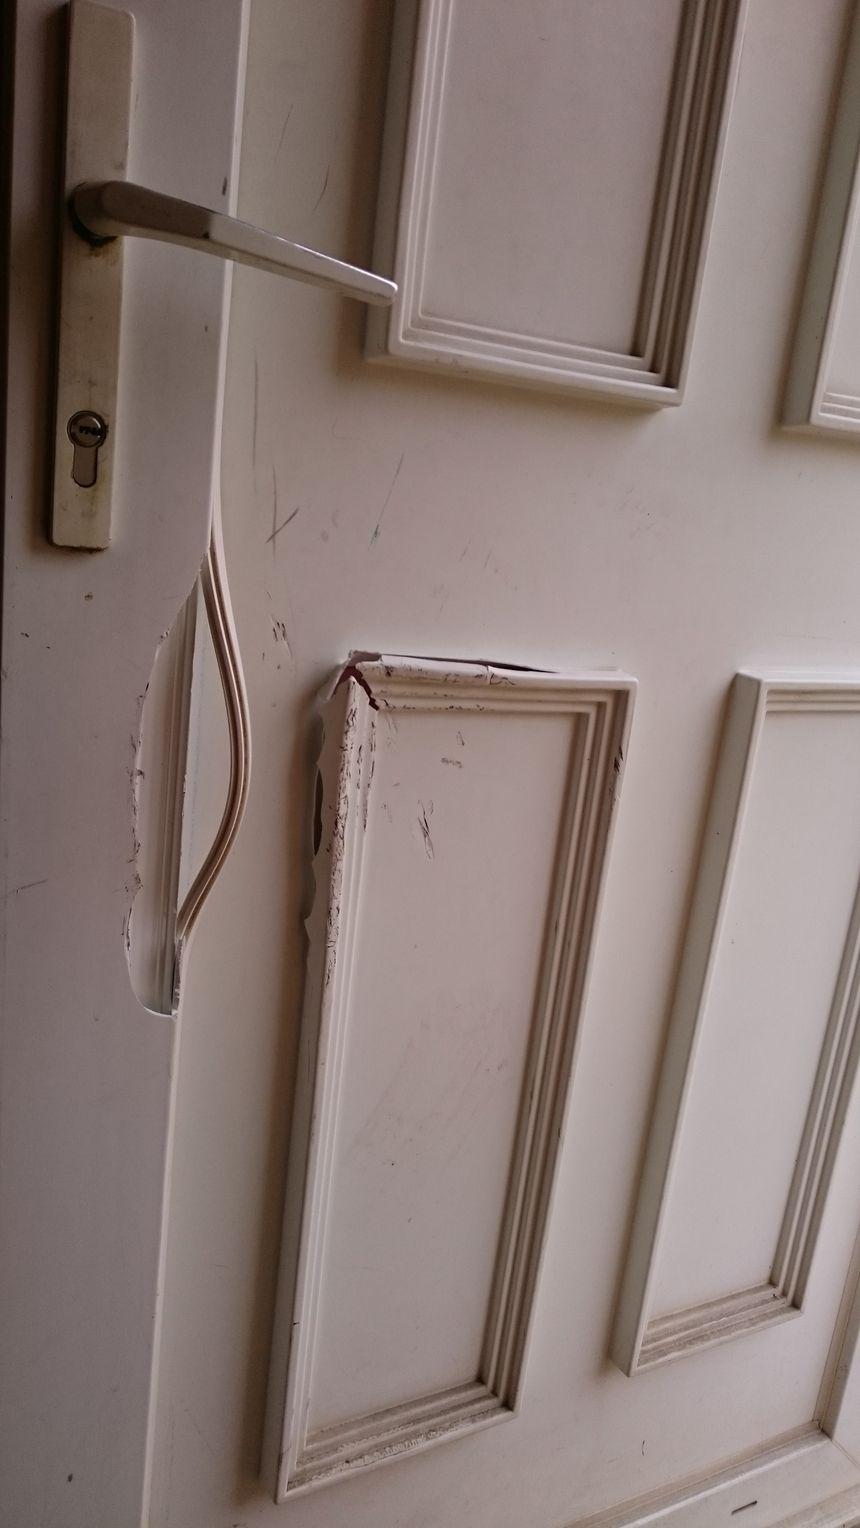 La porte de la maison n'a pas résisté aux coups donnés par les policiers